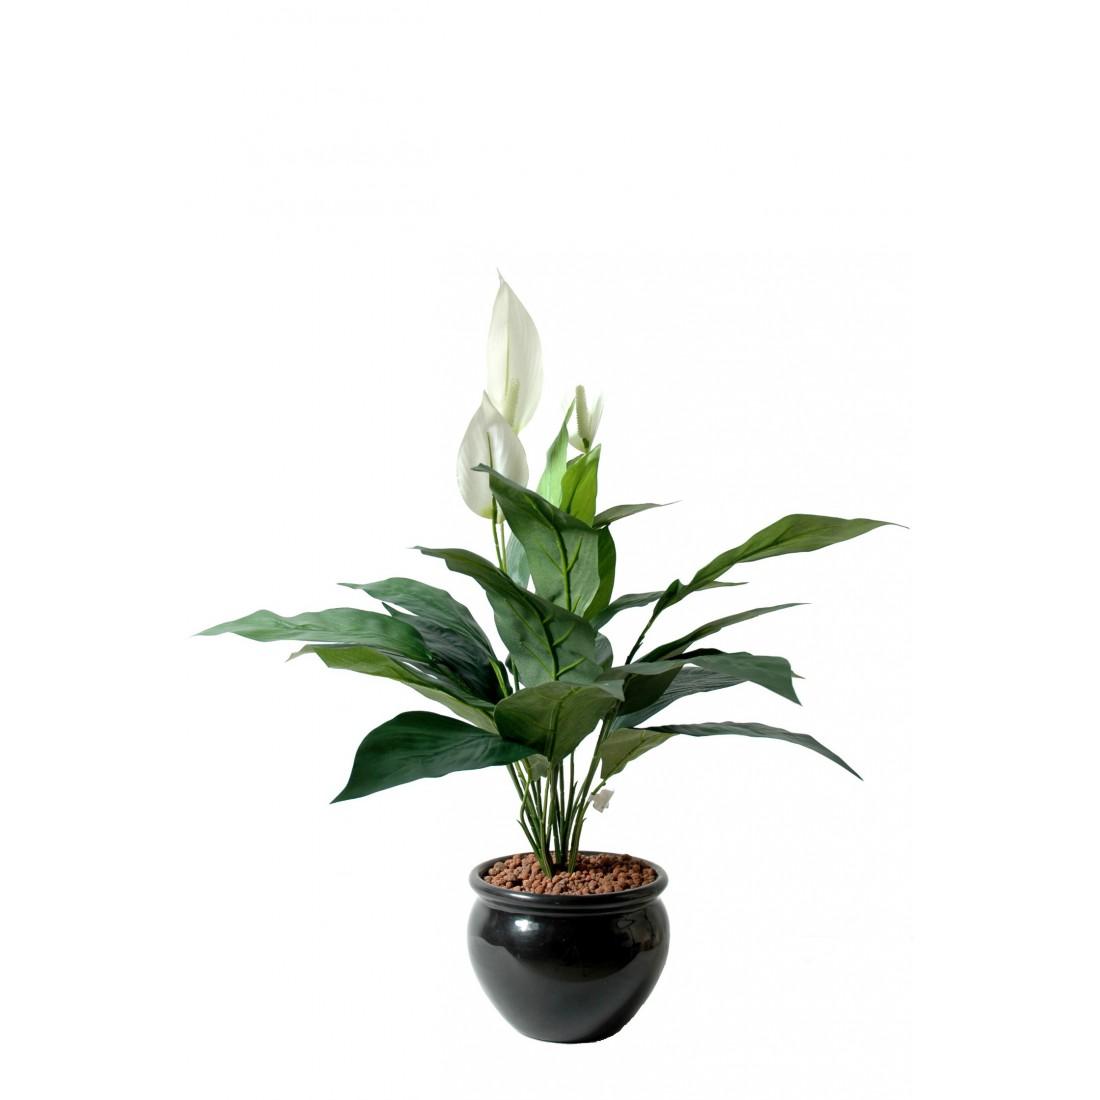 Spathiphilum artificiel 3 fleurs 60 cm plantes for Plantes artificielles lyon